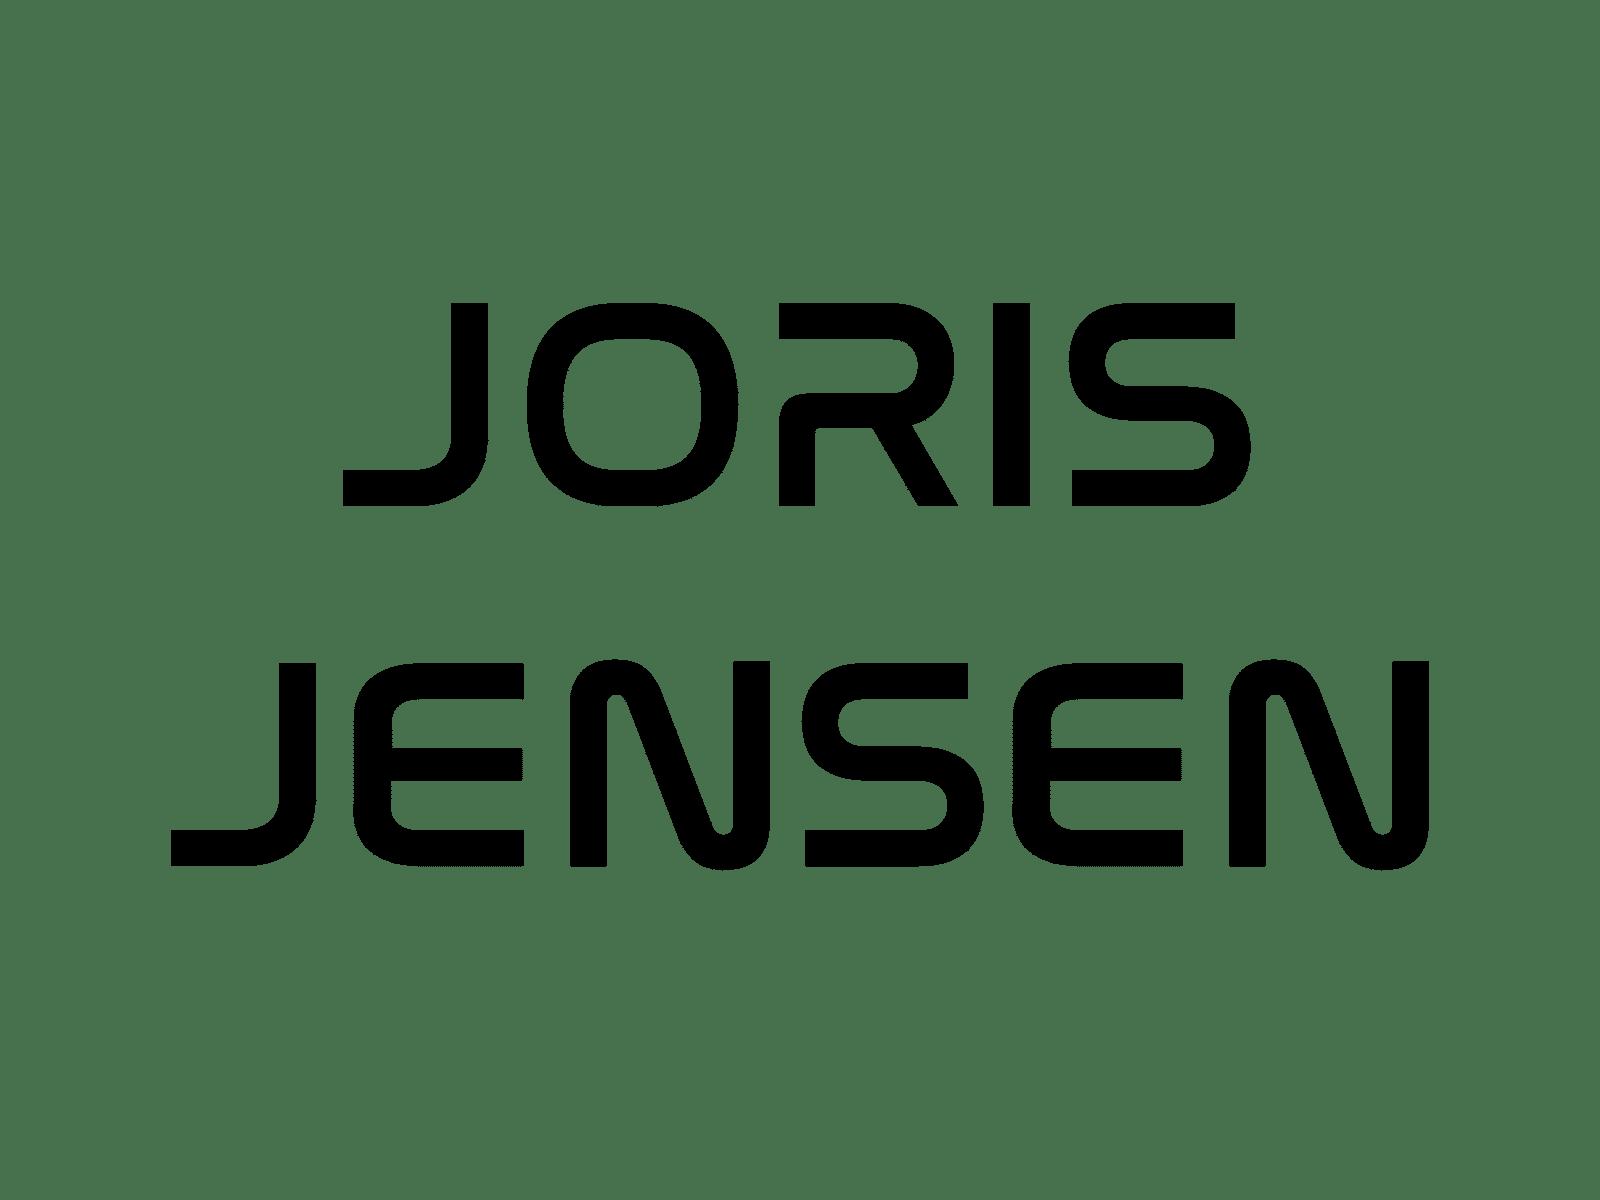 Joris Jensen